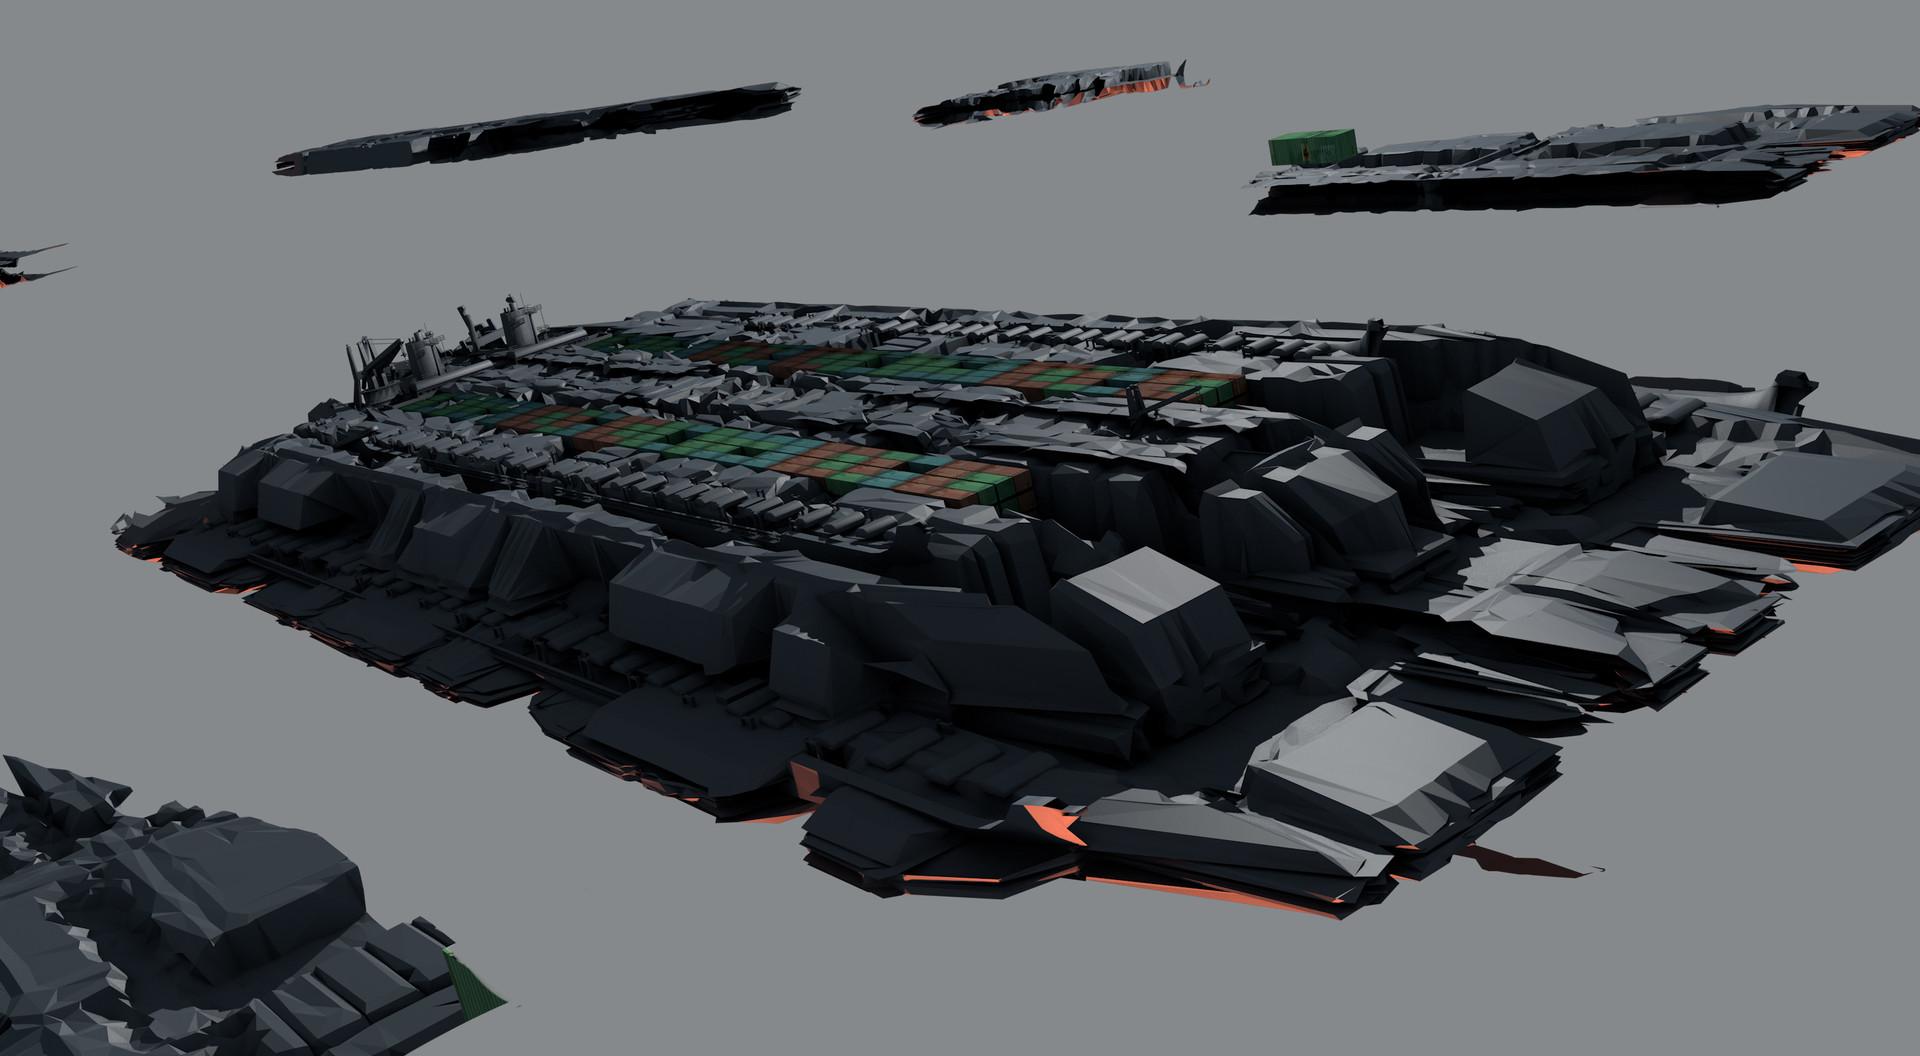 Leon tukker broken freightersketch